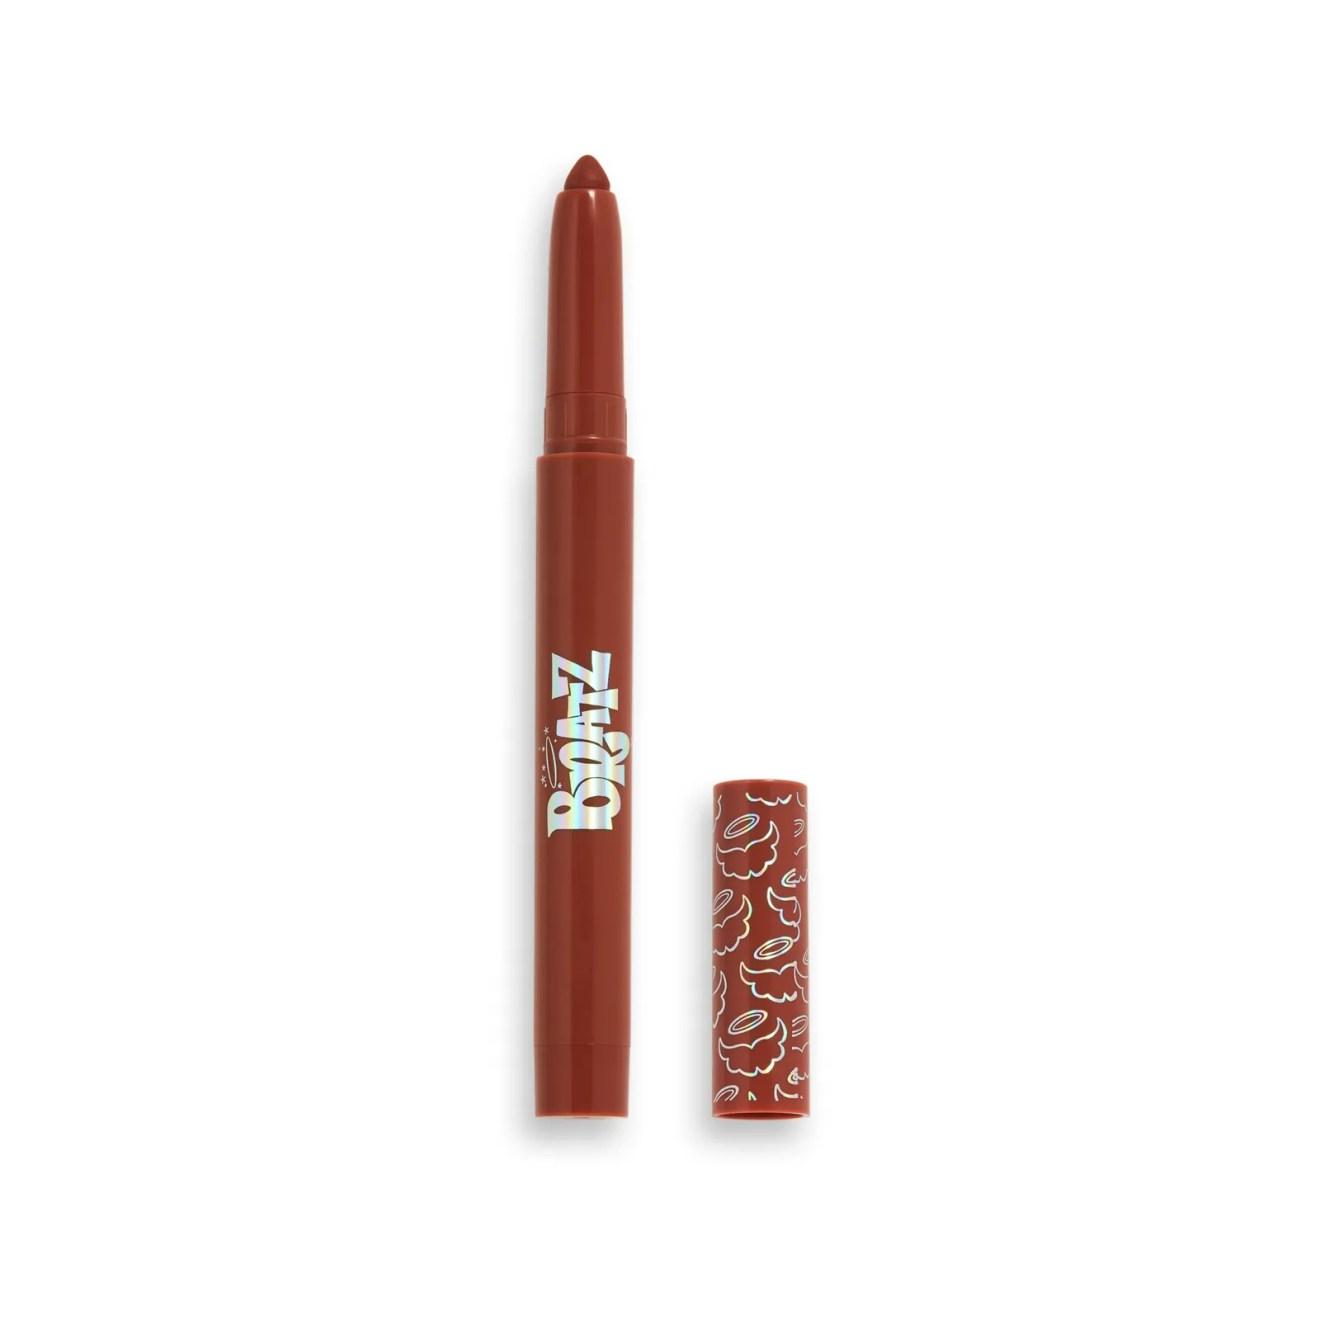 makeup revolution x bratz sasha lip crayon on white background